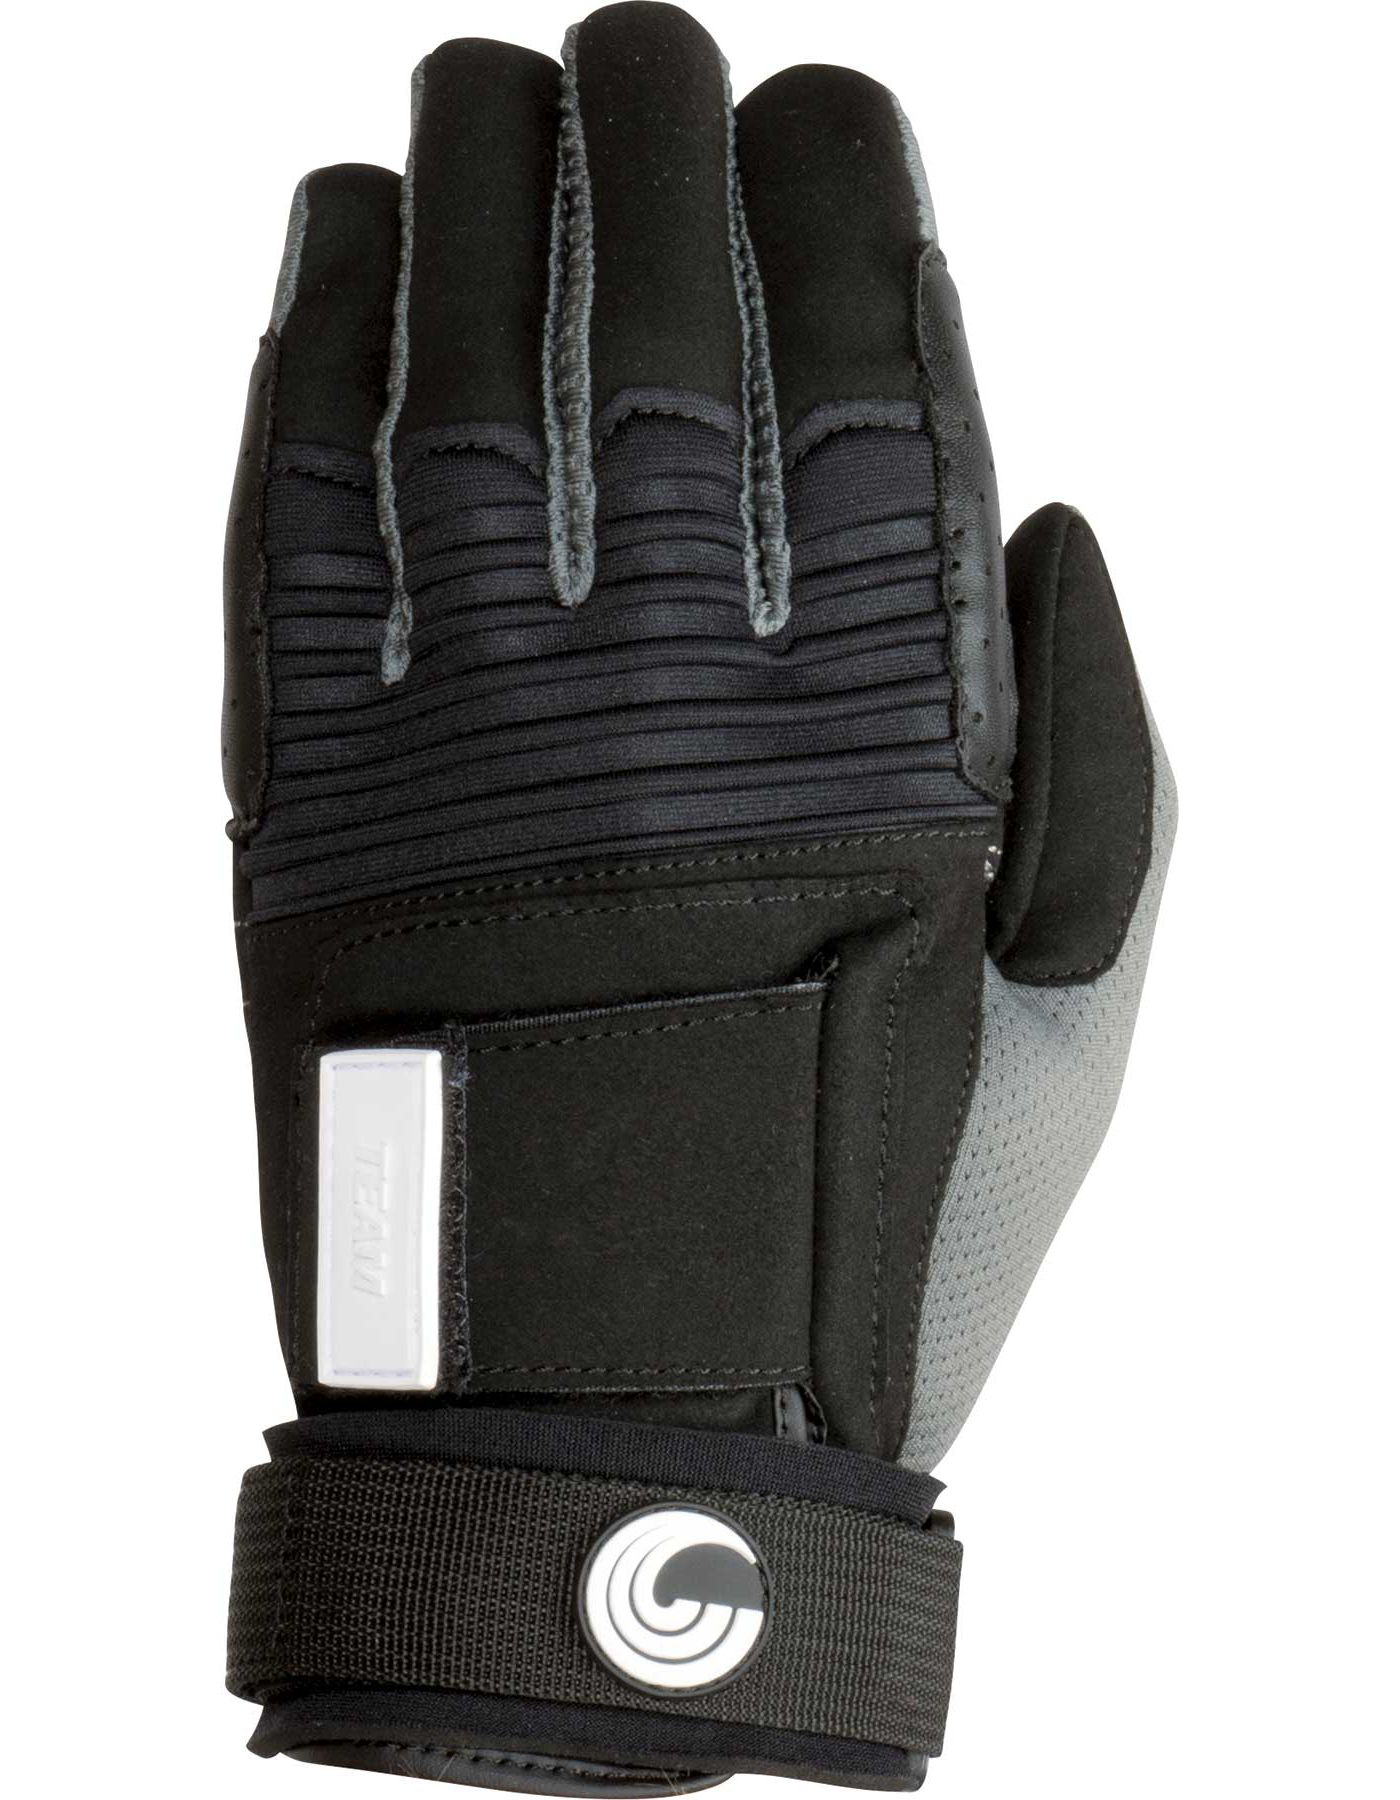 Connelly Men's Team Water Ski Gloves